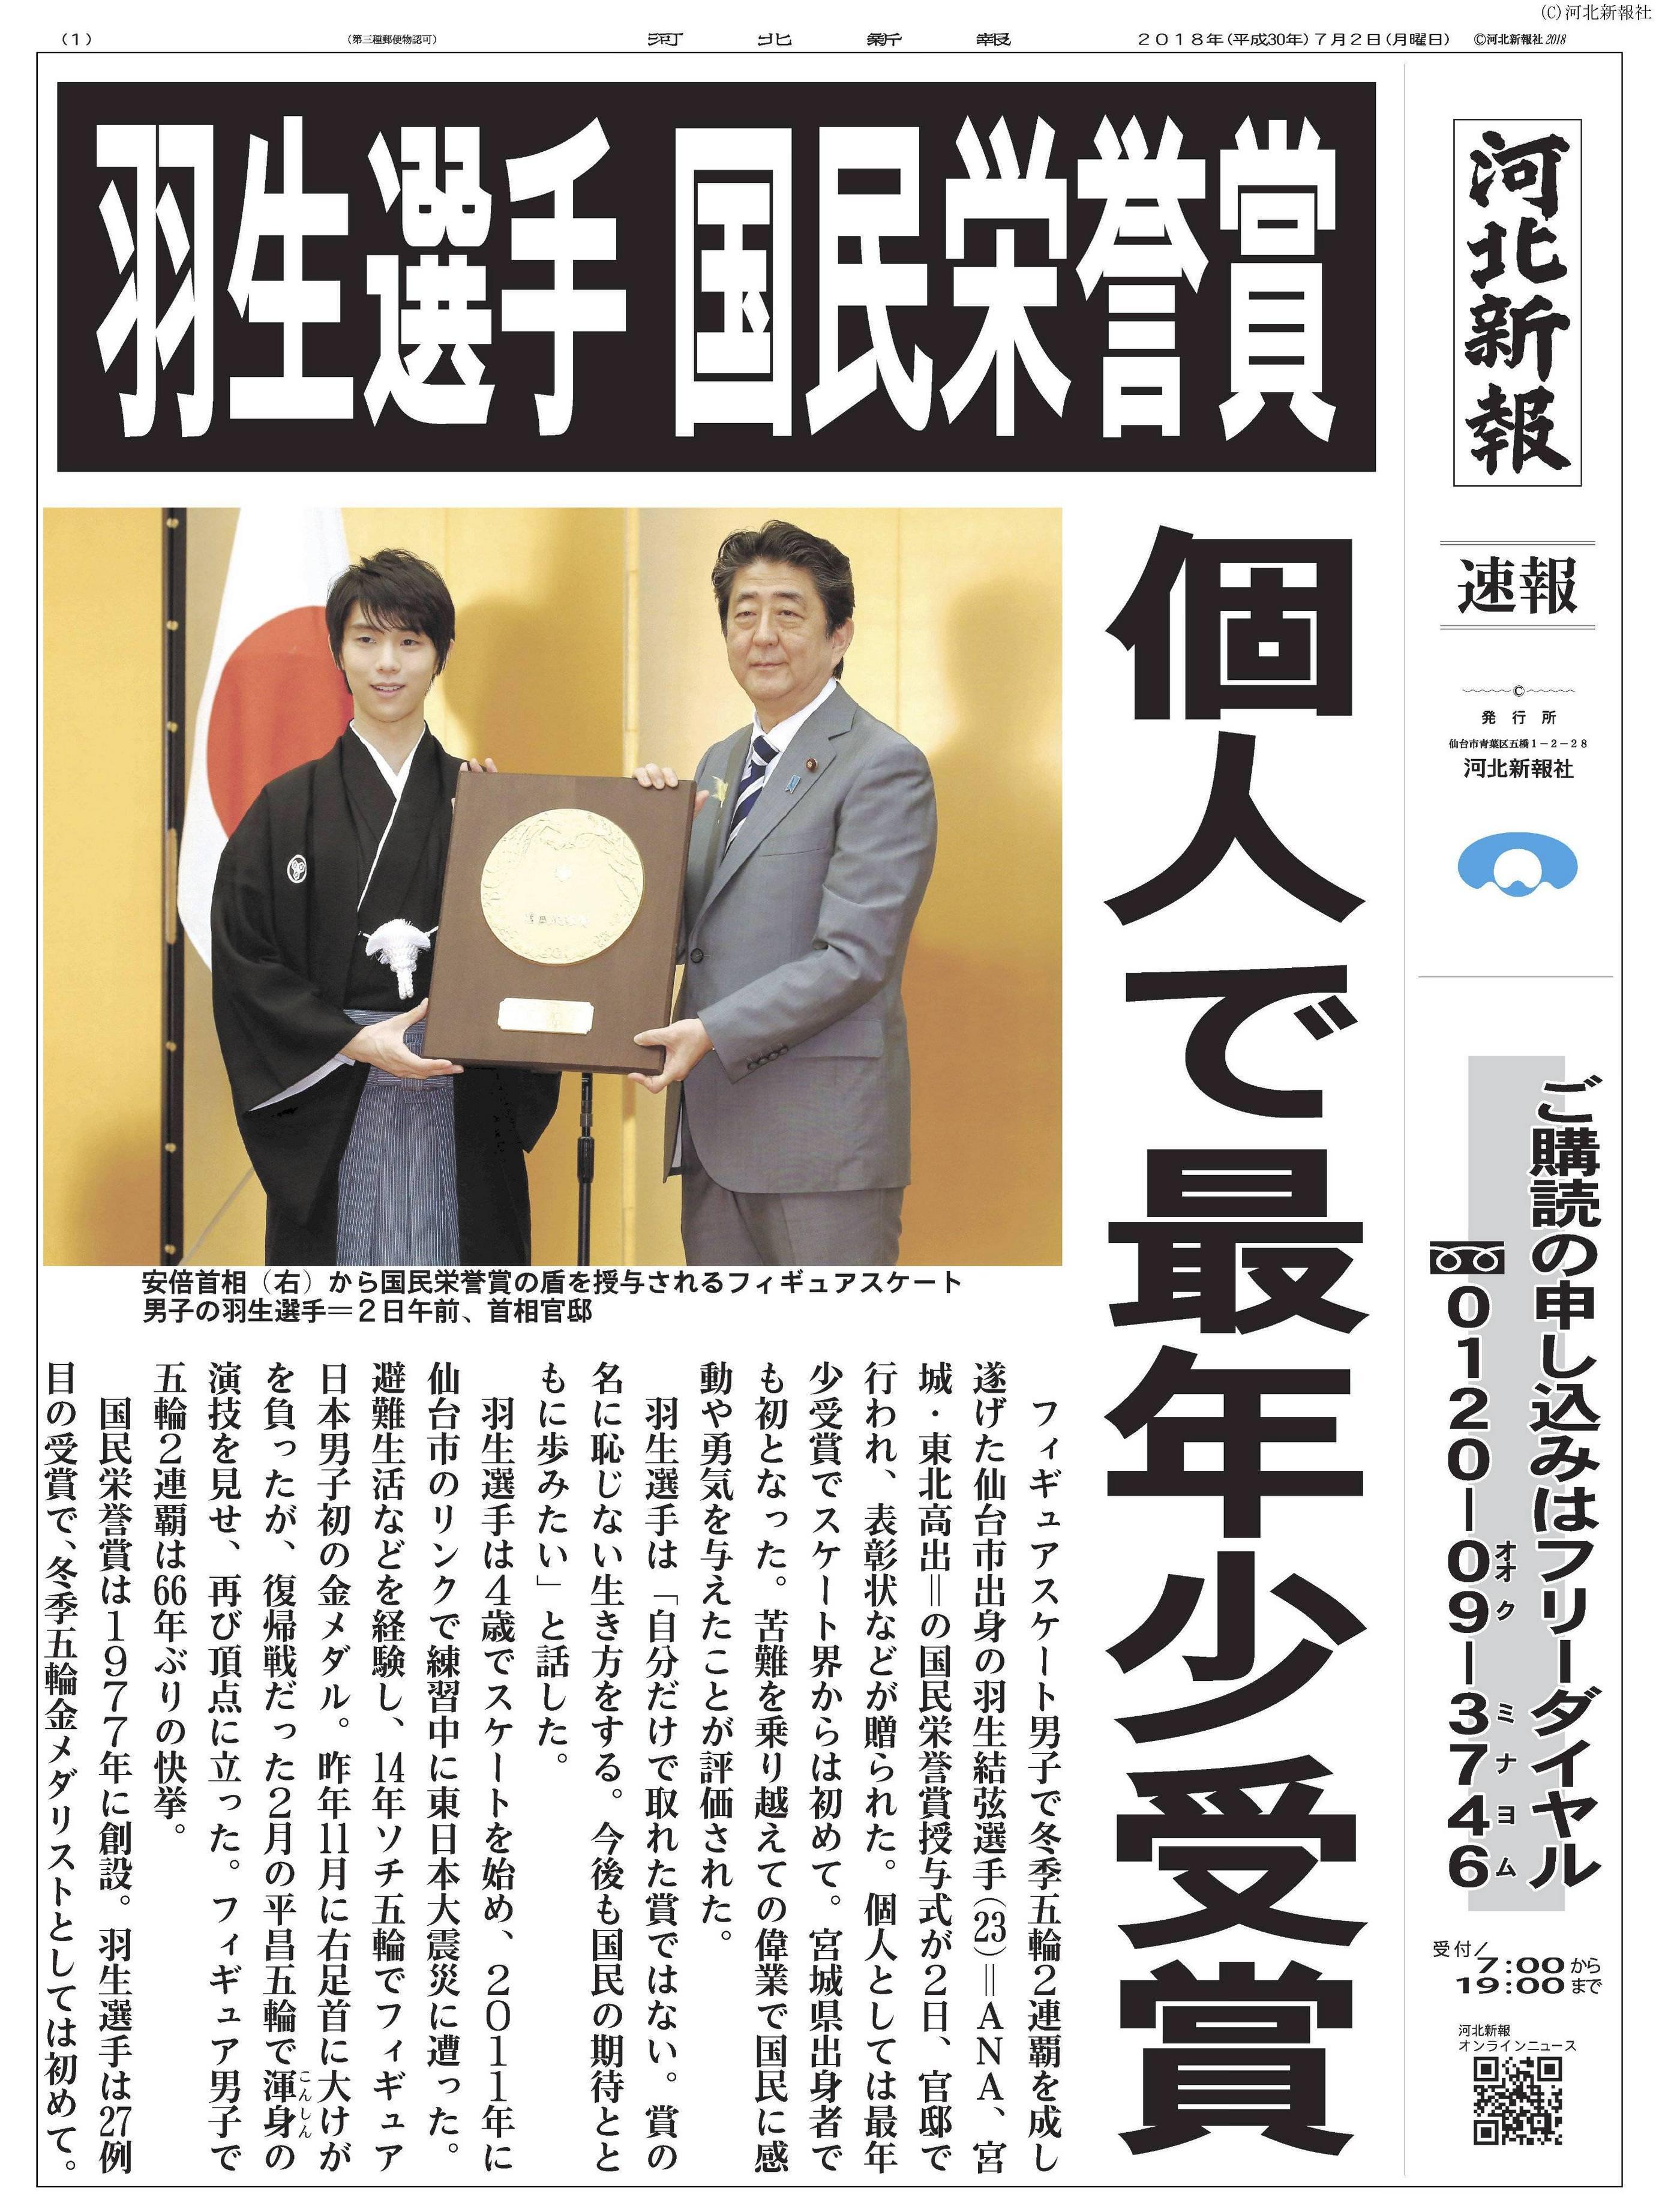 「羽生結弦選手国民栄誉賞受賞」で号外が各地で配られる!